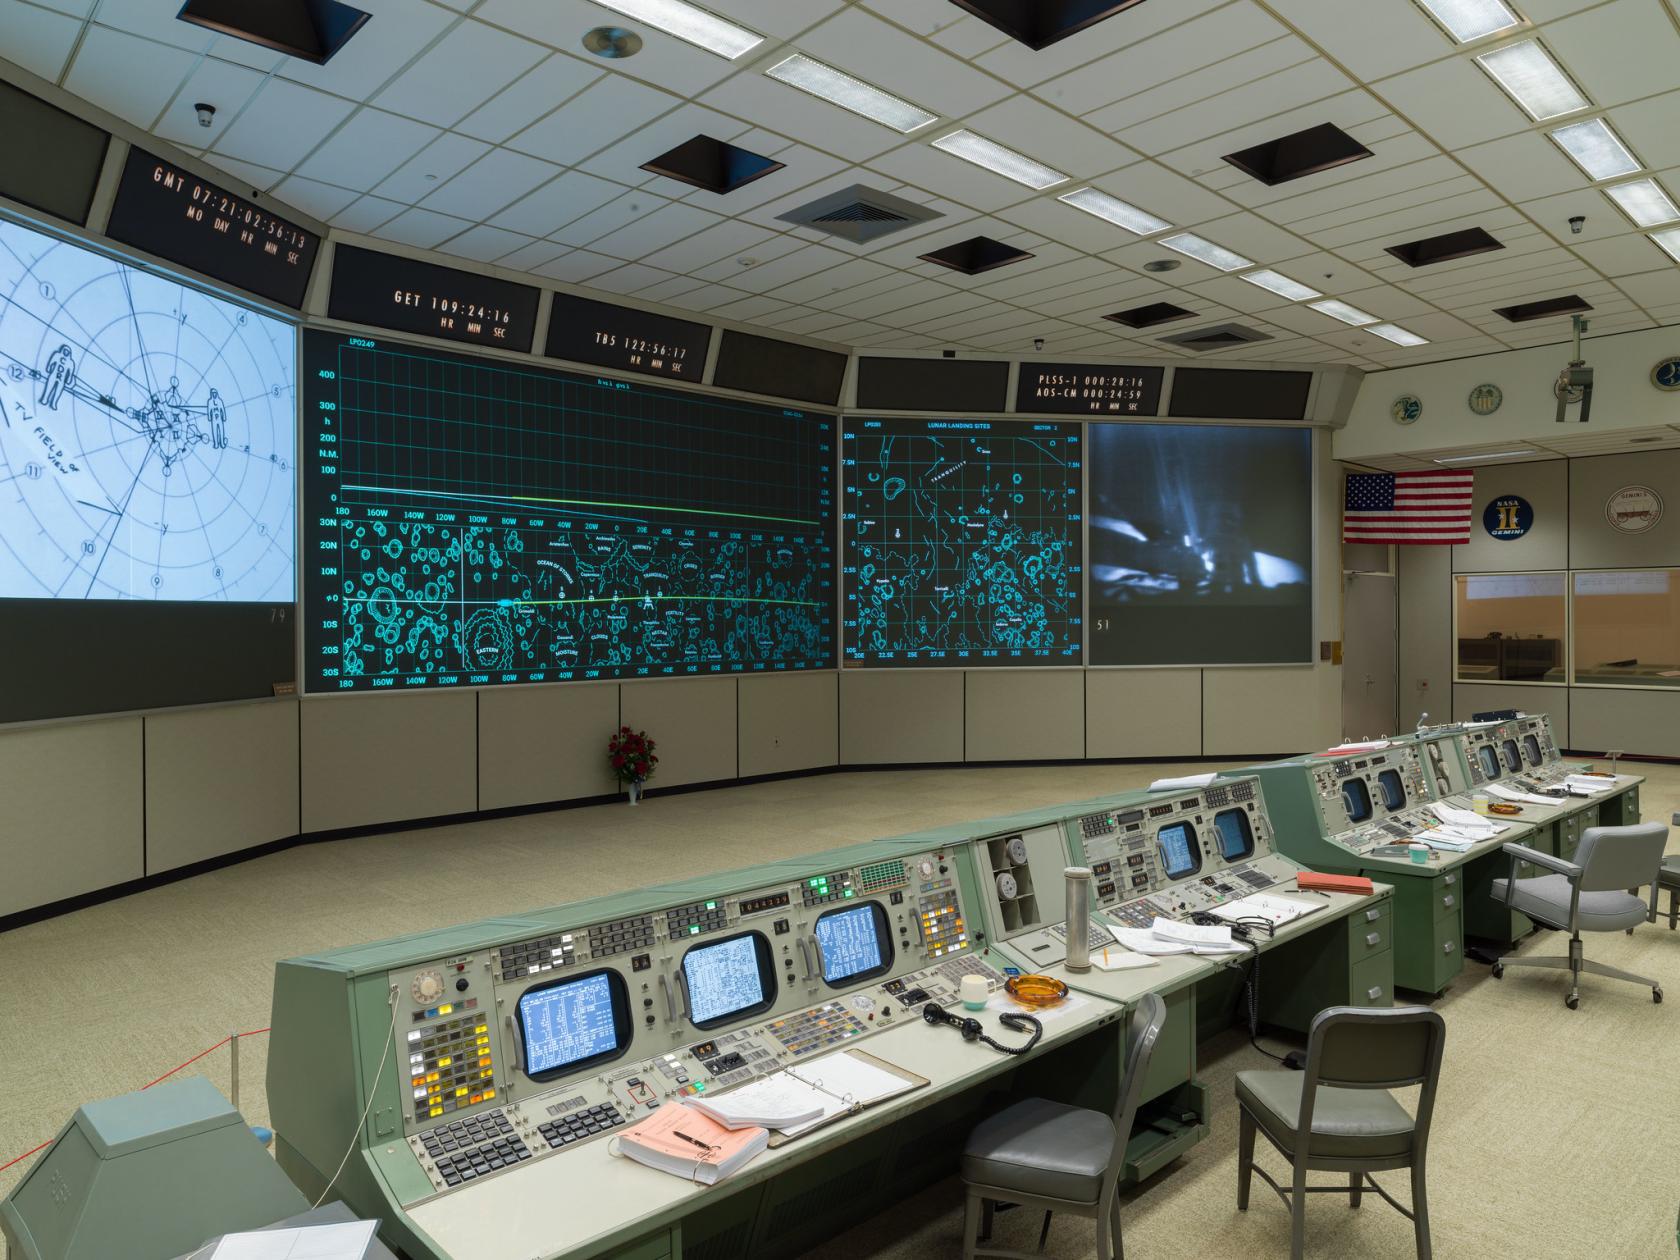 Replica of Apollo 11 Mission Control in Houston, Houston's Johnson Space Center